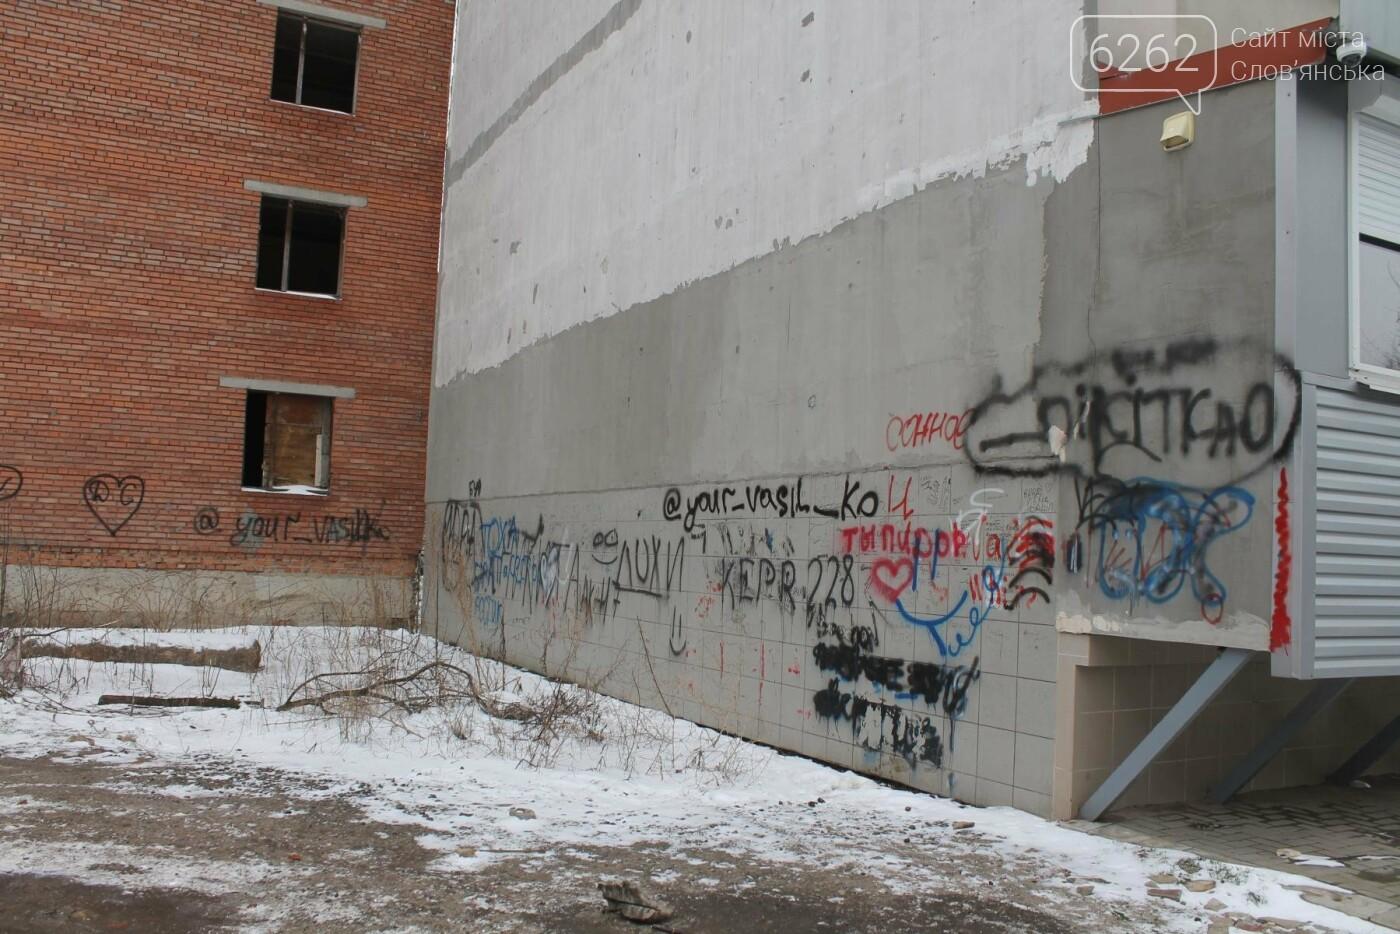 Вход в недострой в центре Славянска планируют заложить кирпичом , фото-8